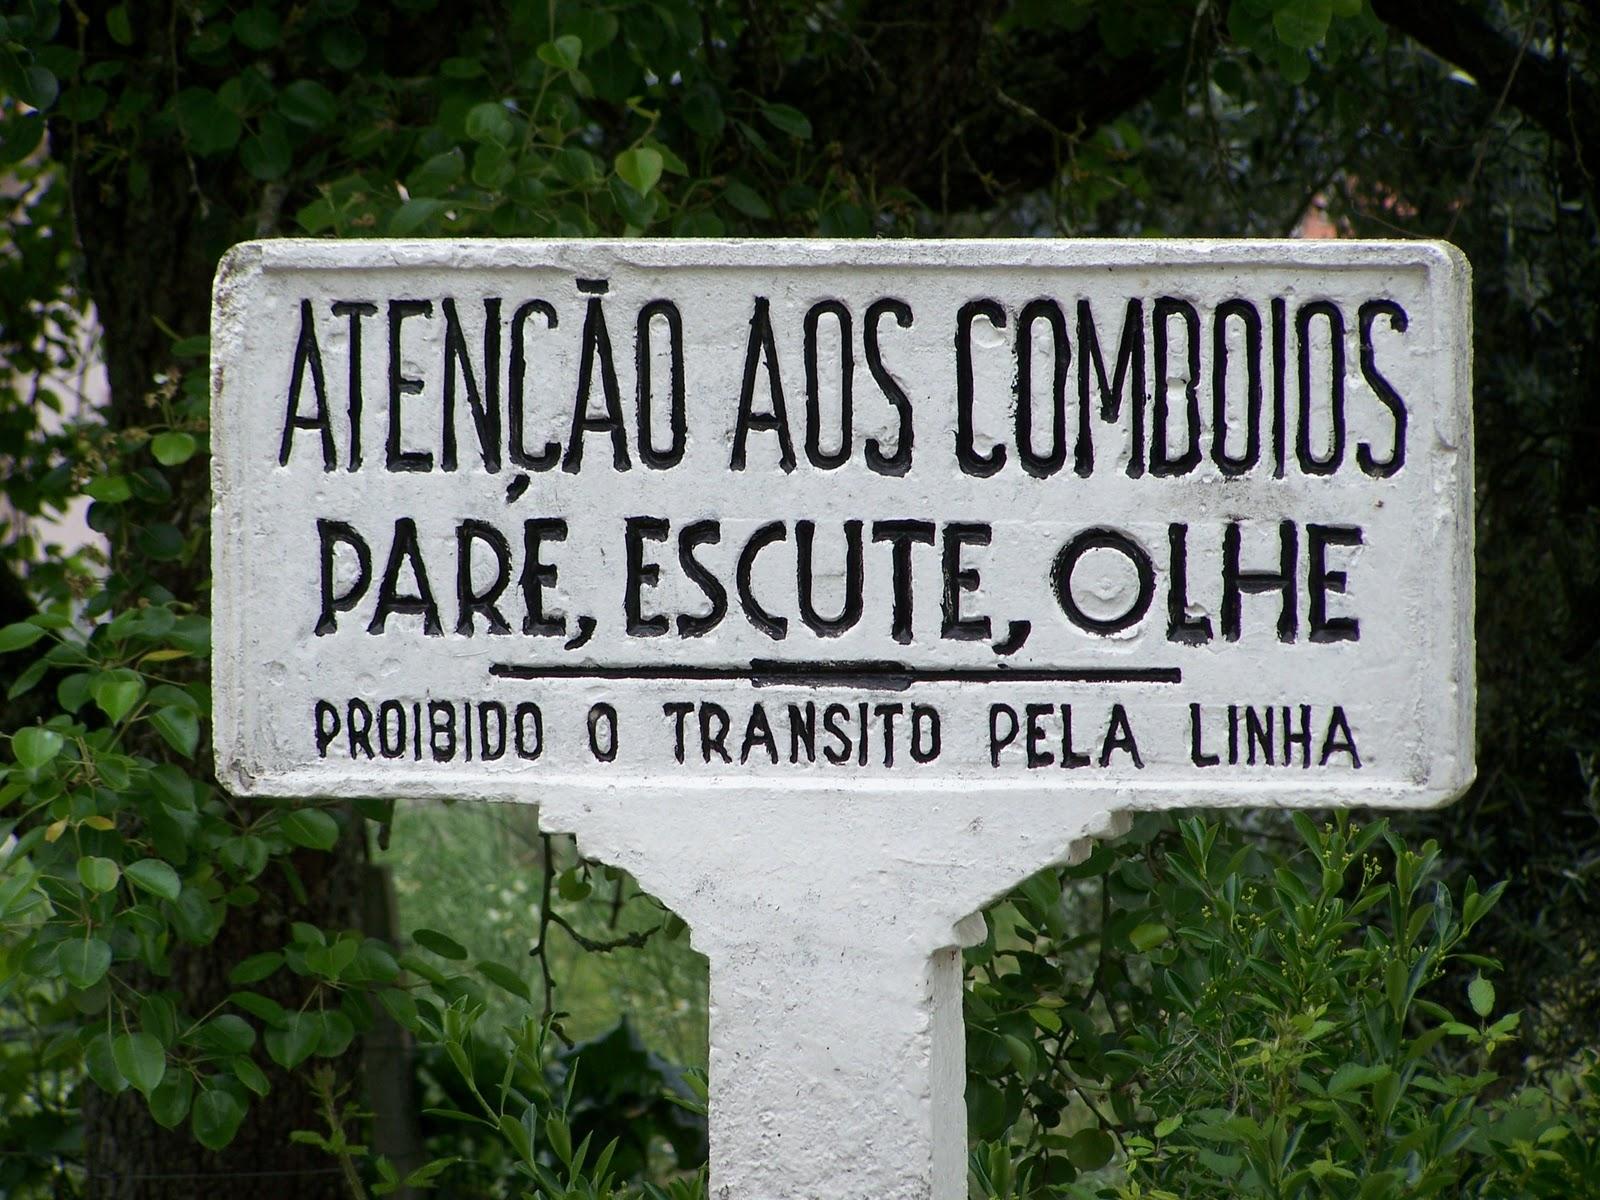 """Filosofia, estética, musica, audio e """"tutti quanti""""... - Página 2 Comboios_em_Portugal_Pare_escute_olhe"""